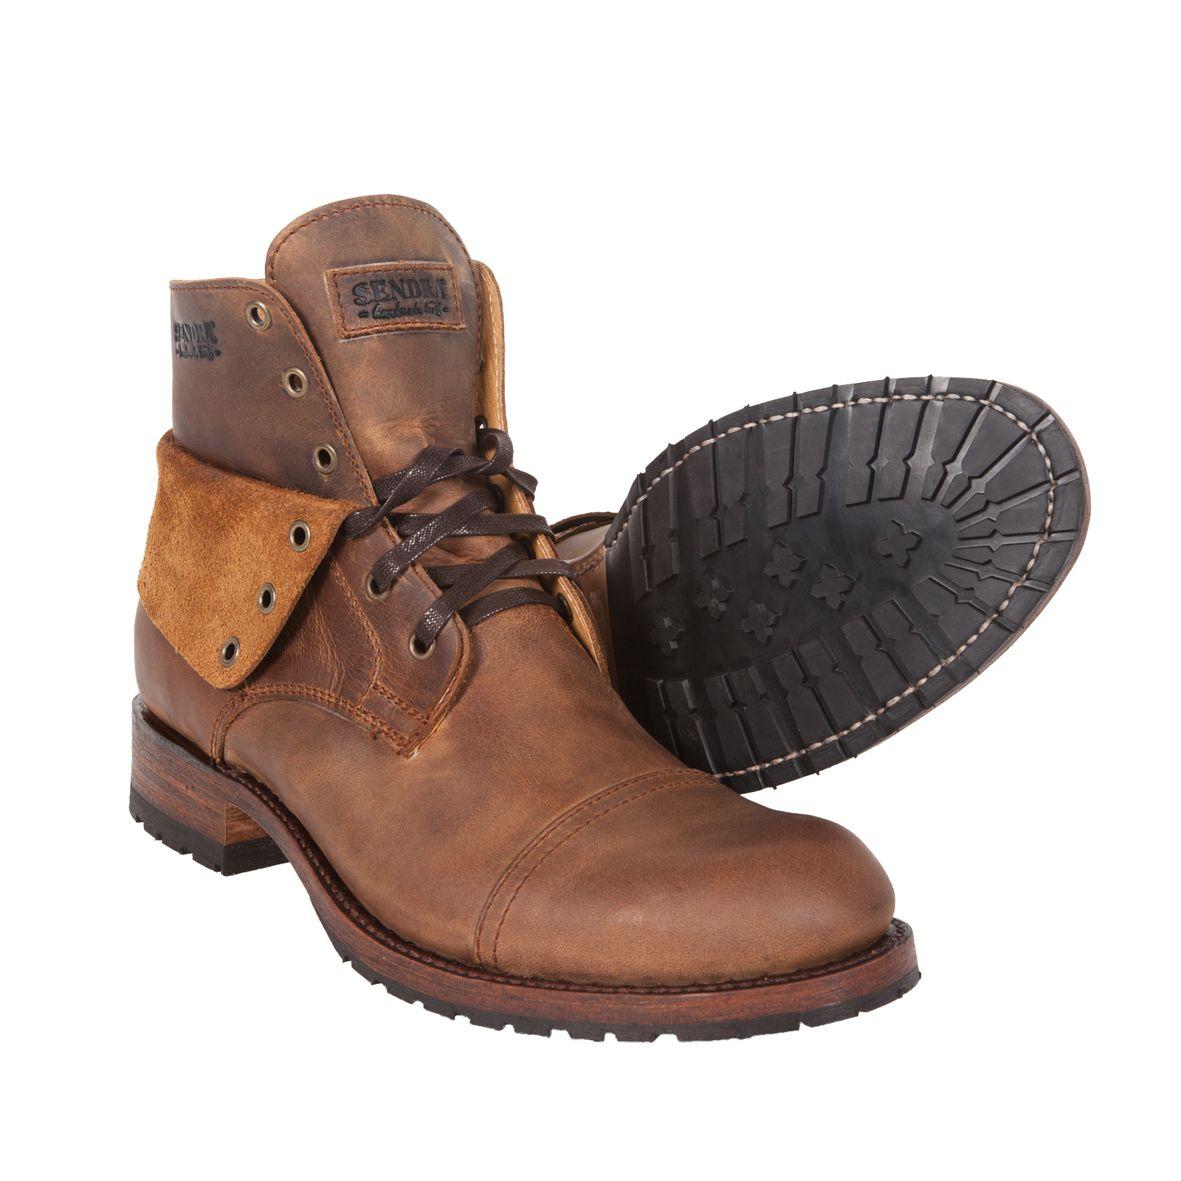 Produktfoto für: http://www.mosquito-boots.de/